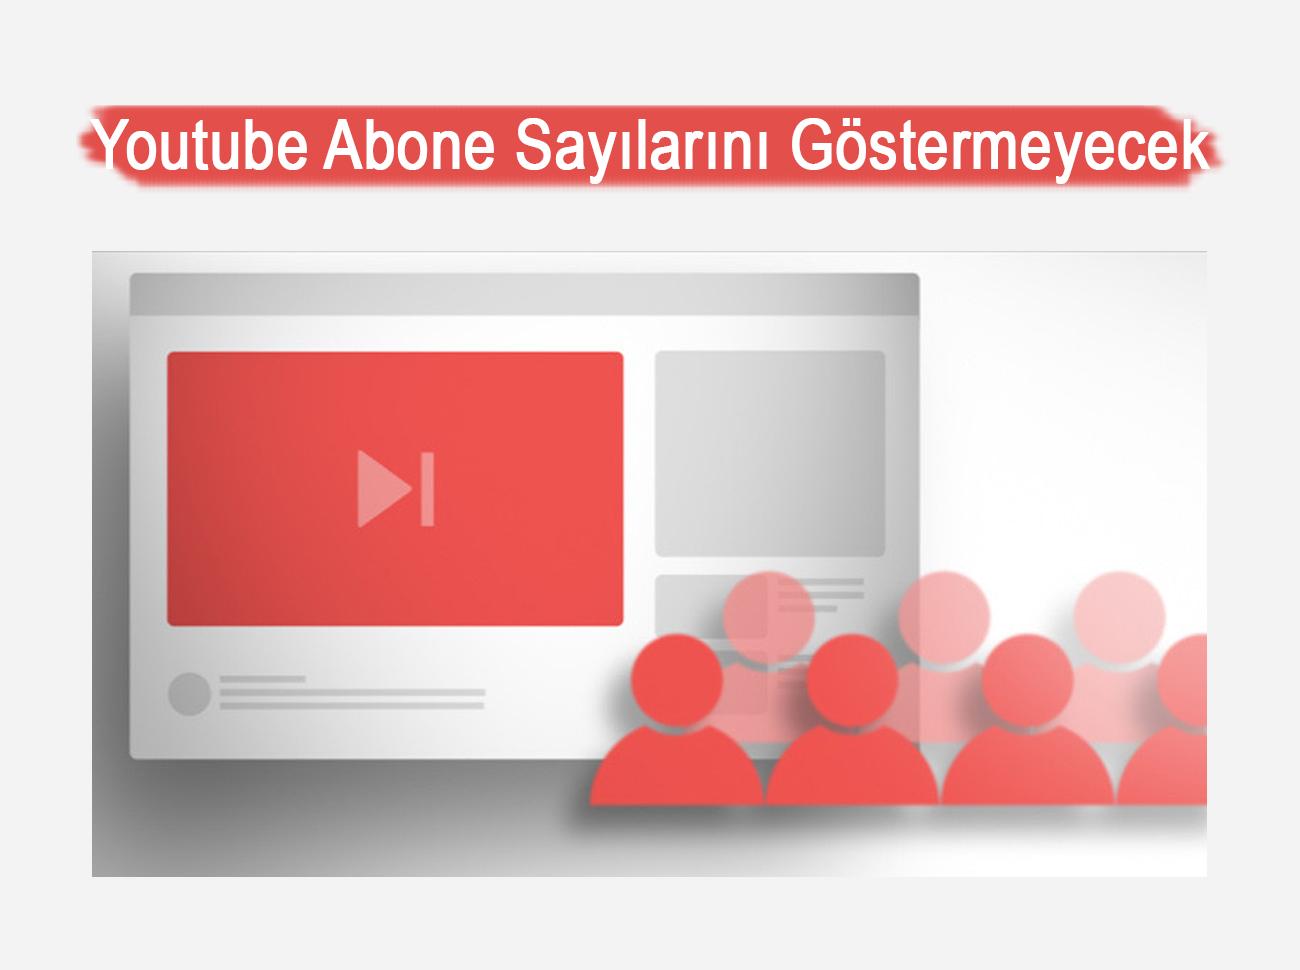 Youtube Abone Sayılarını Tam Olarak Göstermeyecek